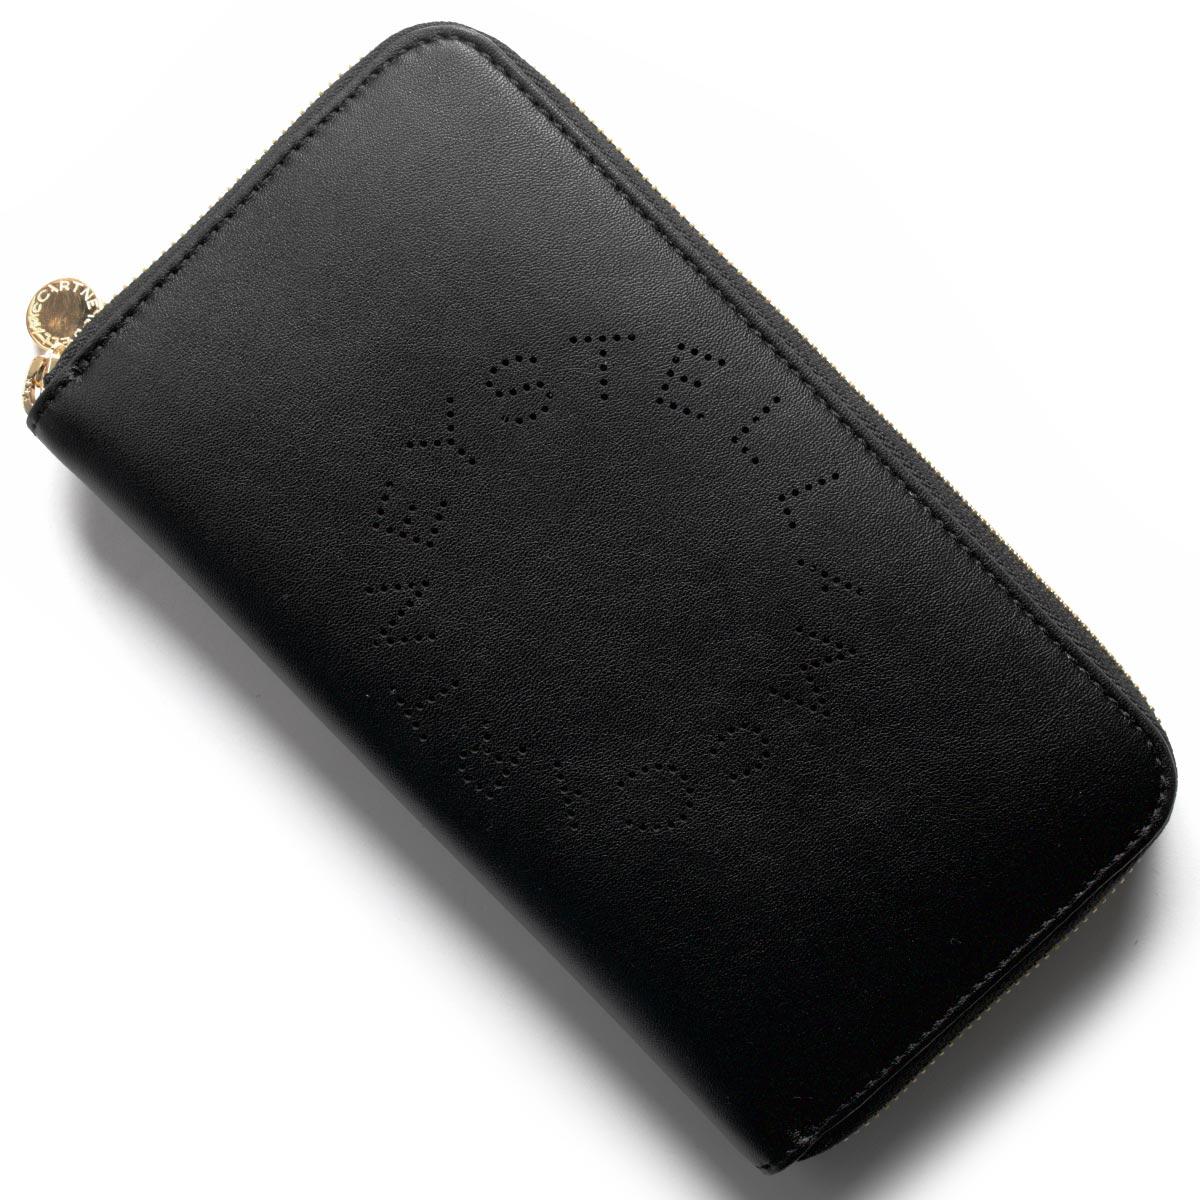 ステラマッカートニー 長財布 財布 レディース ステラ ロゴ ブラック 502893 W9923 1000 STELLA McCARTHNEY